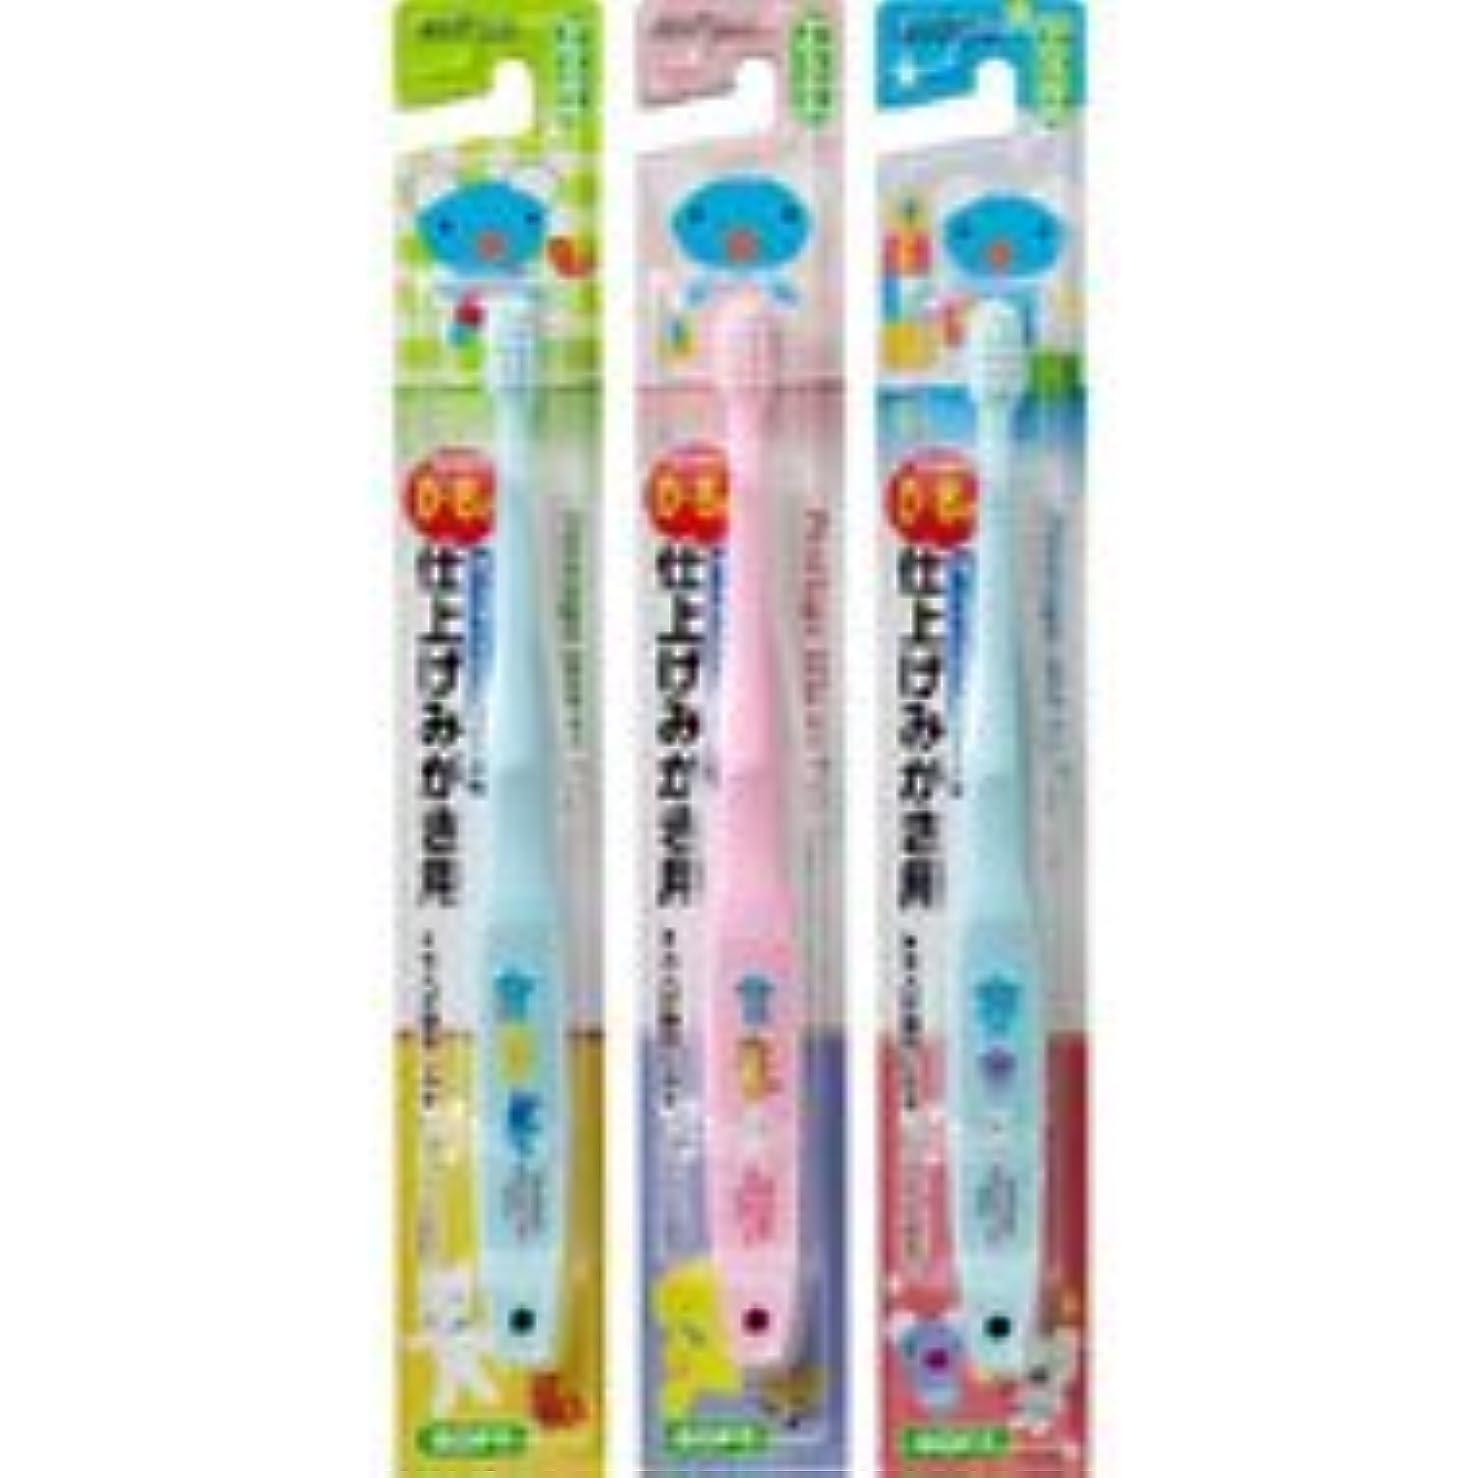 ドライブほぼ好みペネロペ仕上げ磨き用歯ブラシ 3本 ※種類は当店お任せとなります